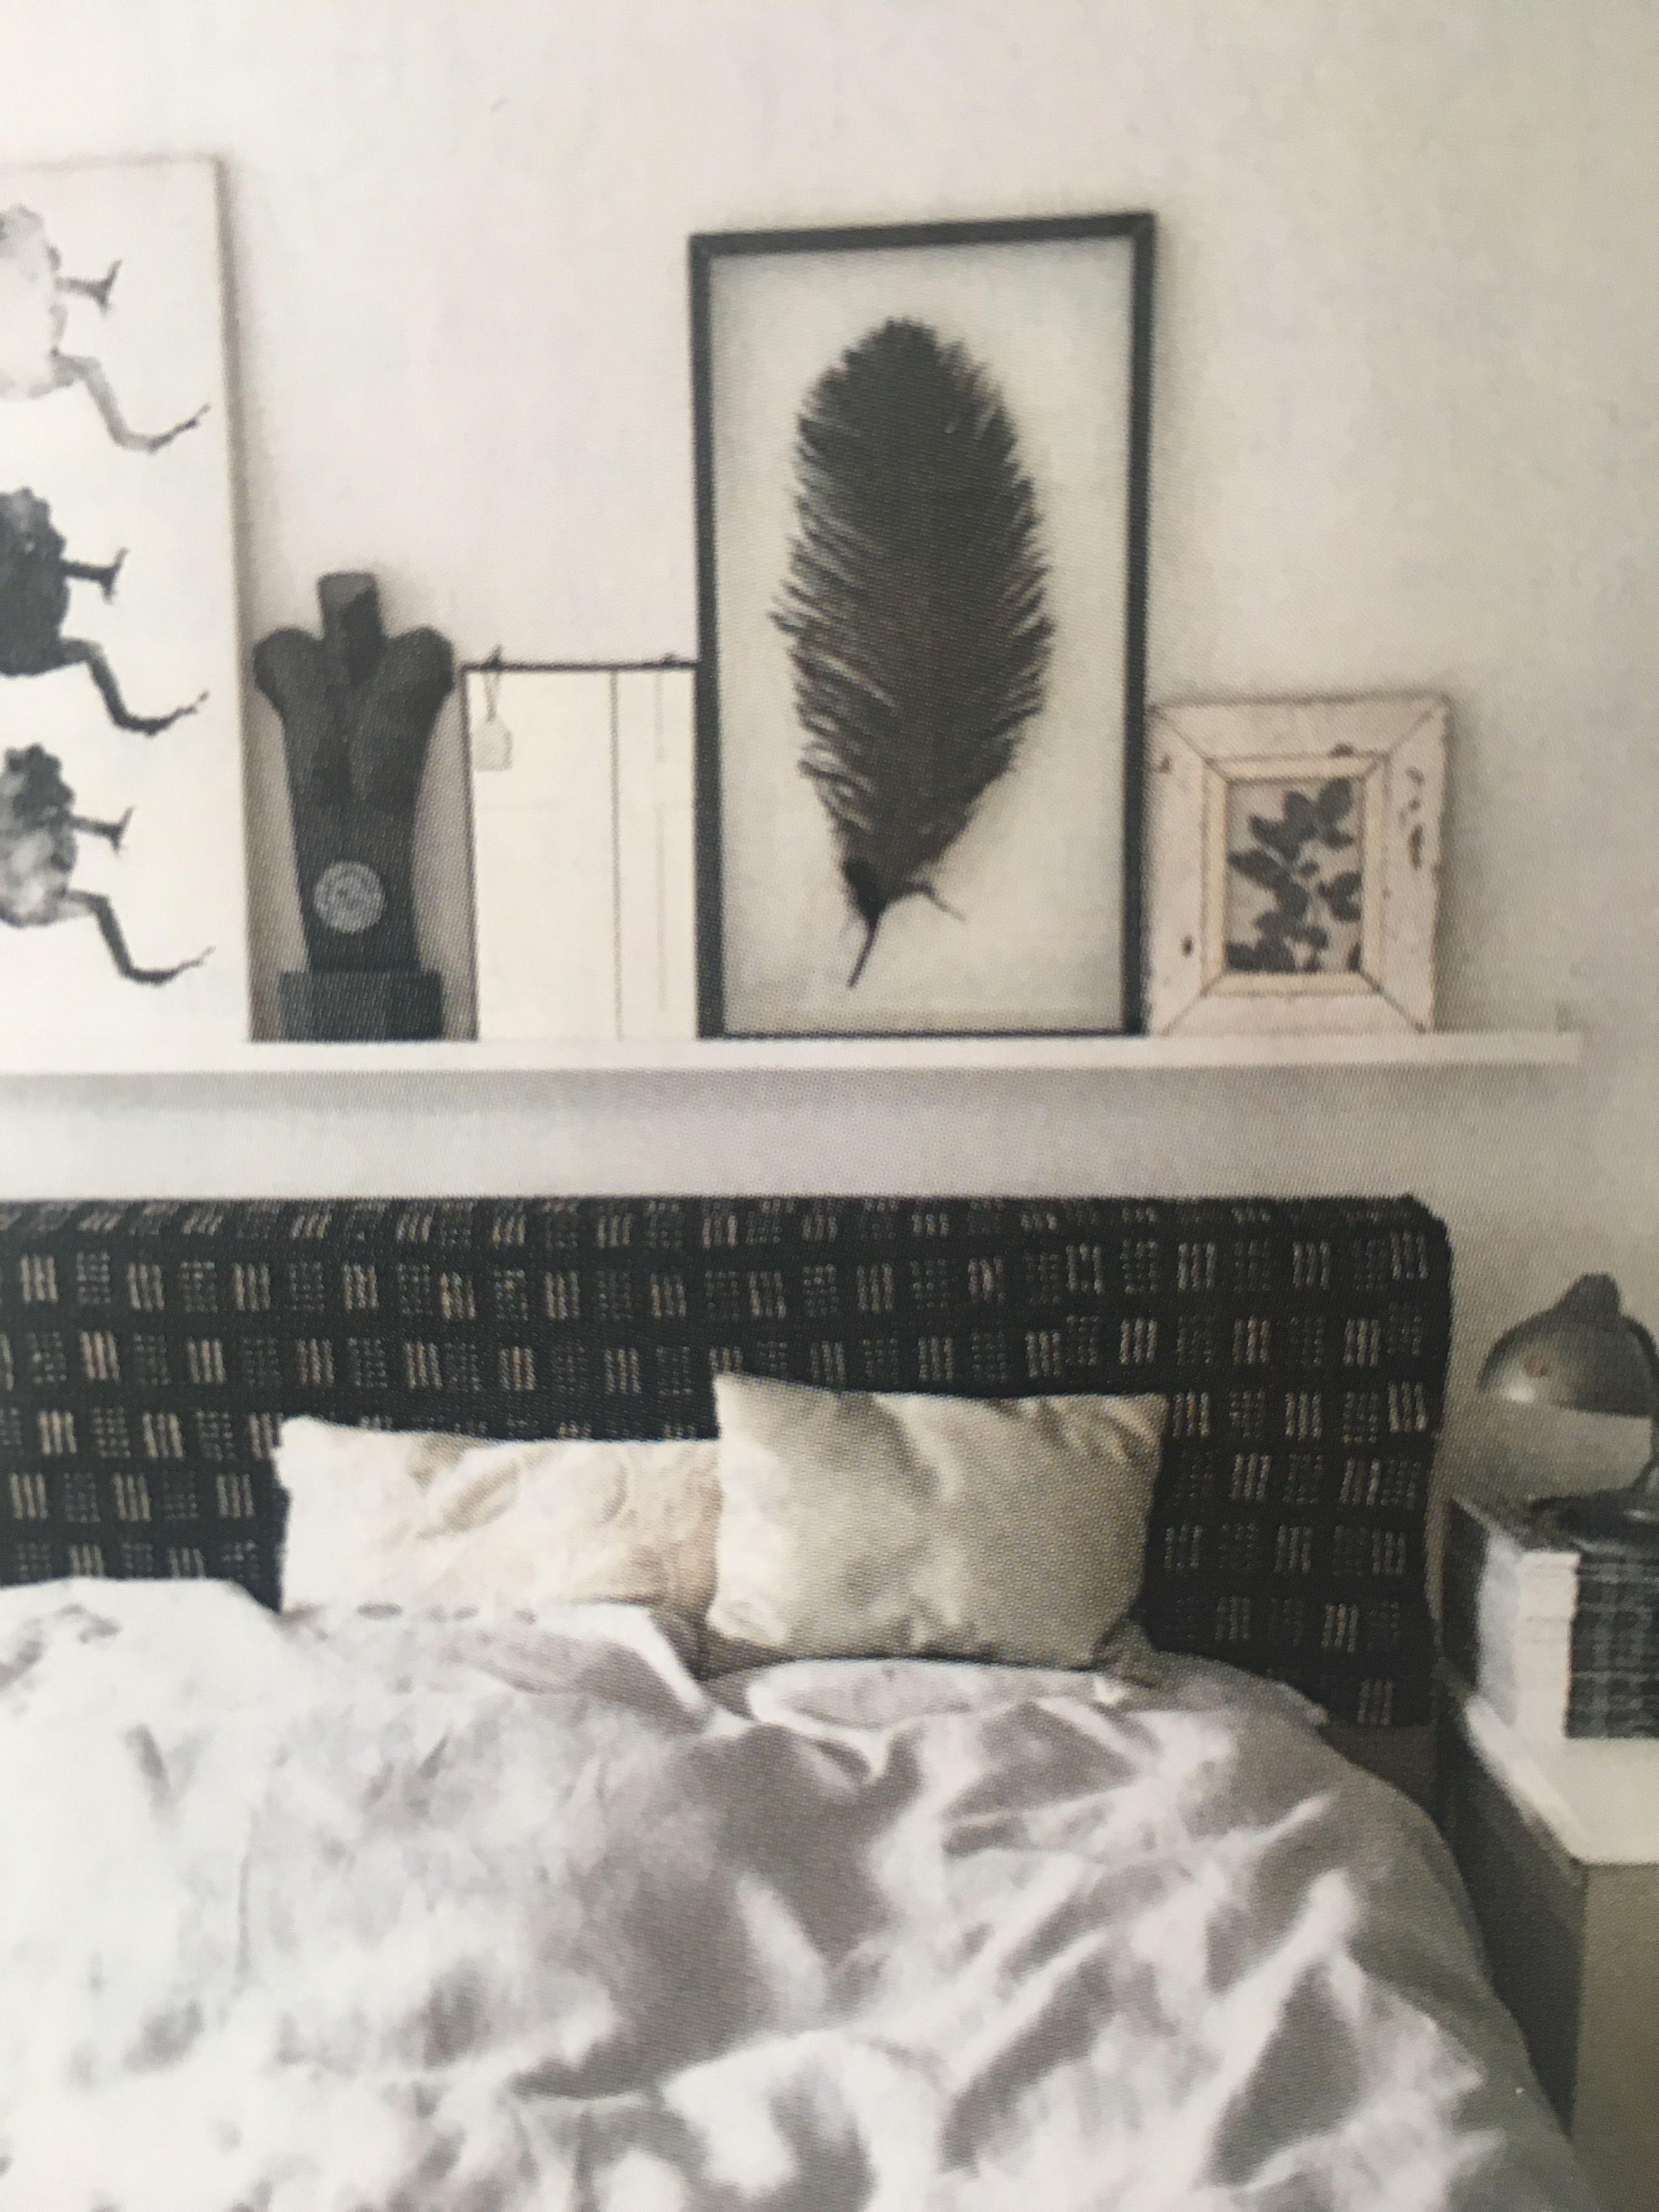 Zeer Plank boven bed | slaapkamer | Bed planken, Foto planken, Slaapkamer @YY28